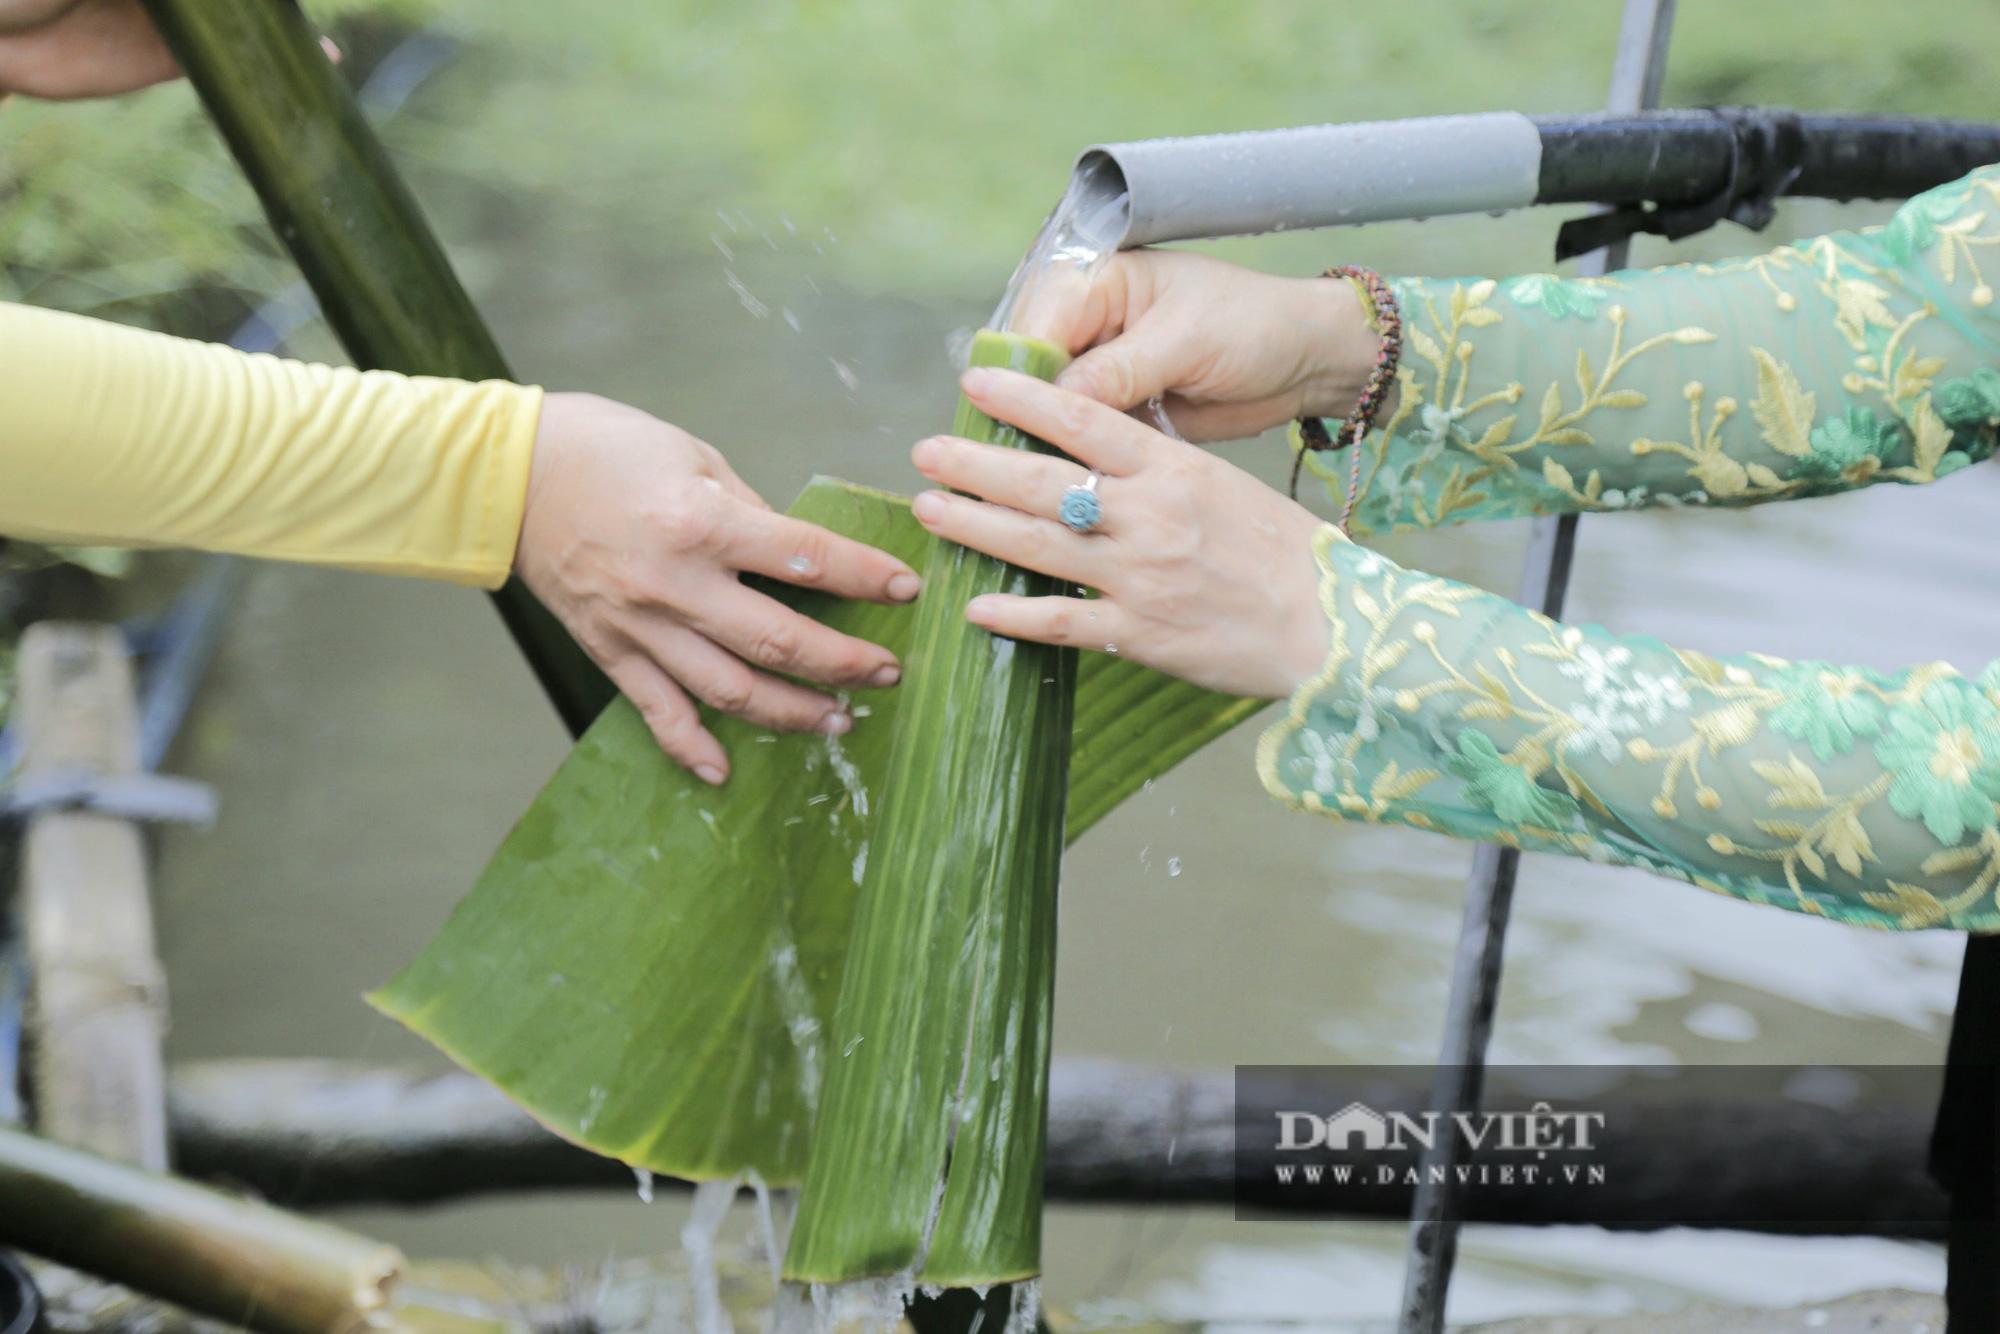 Đến Pù Luông thưởng thức món cơm lam truyền thống dân tộc Thái nơi đây - Ảnh 3.